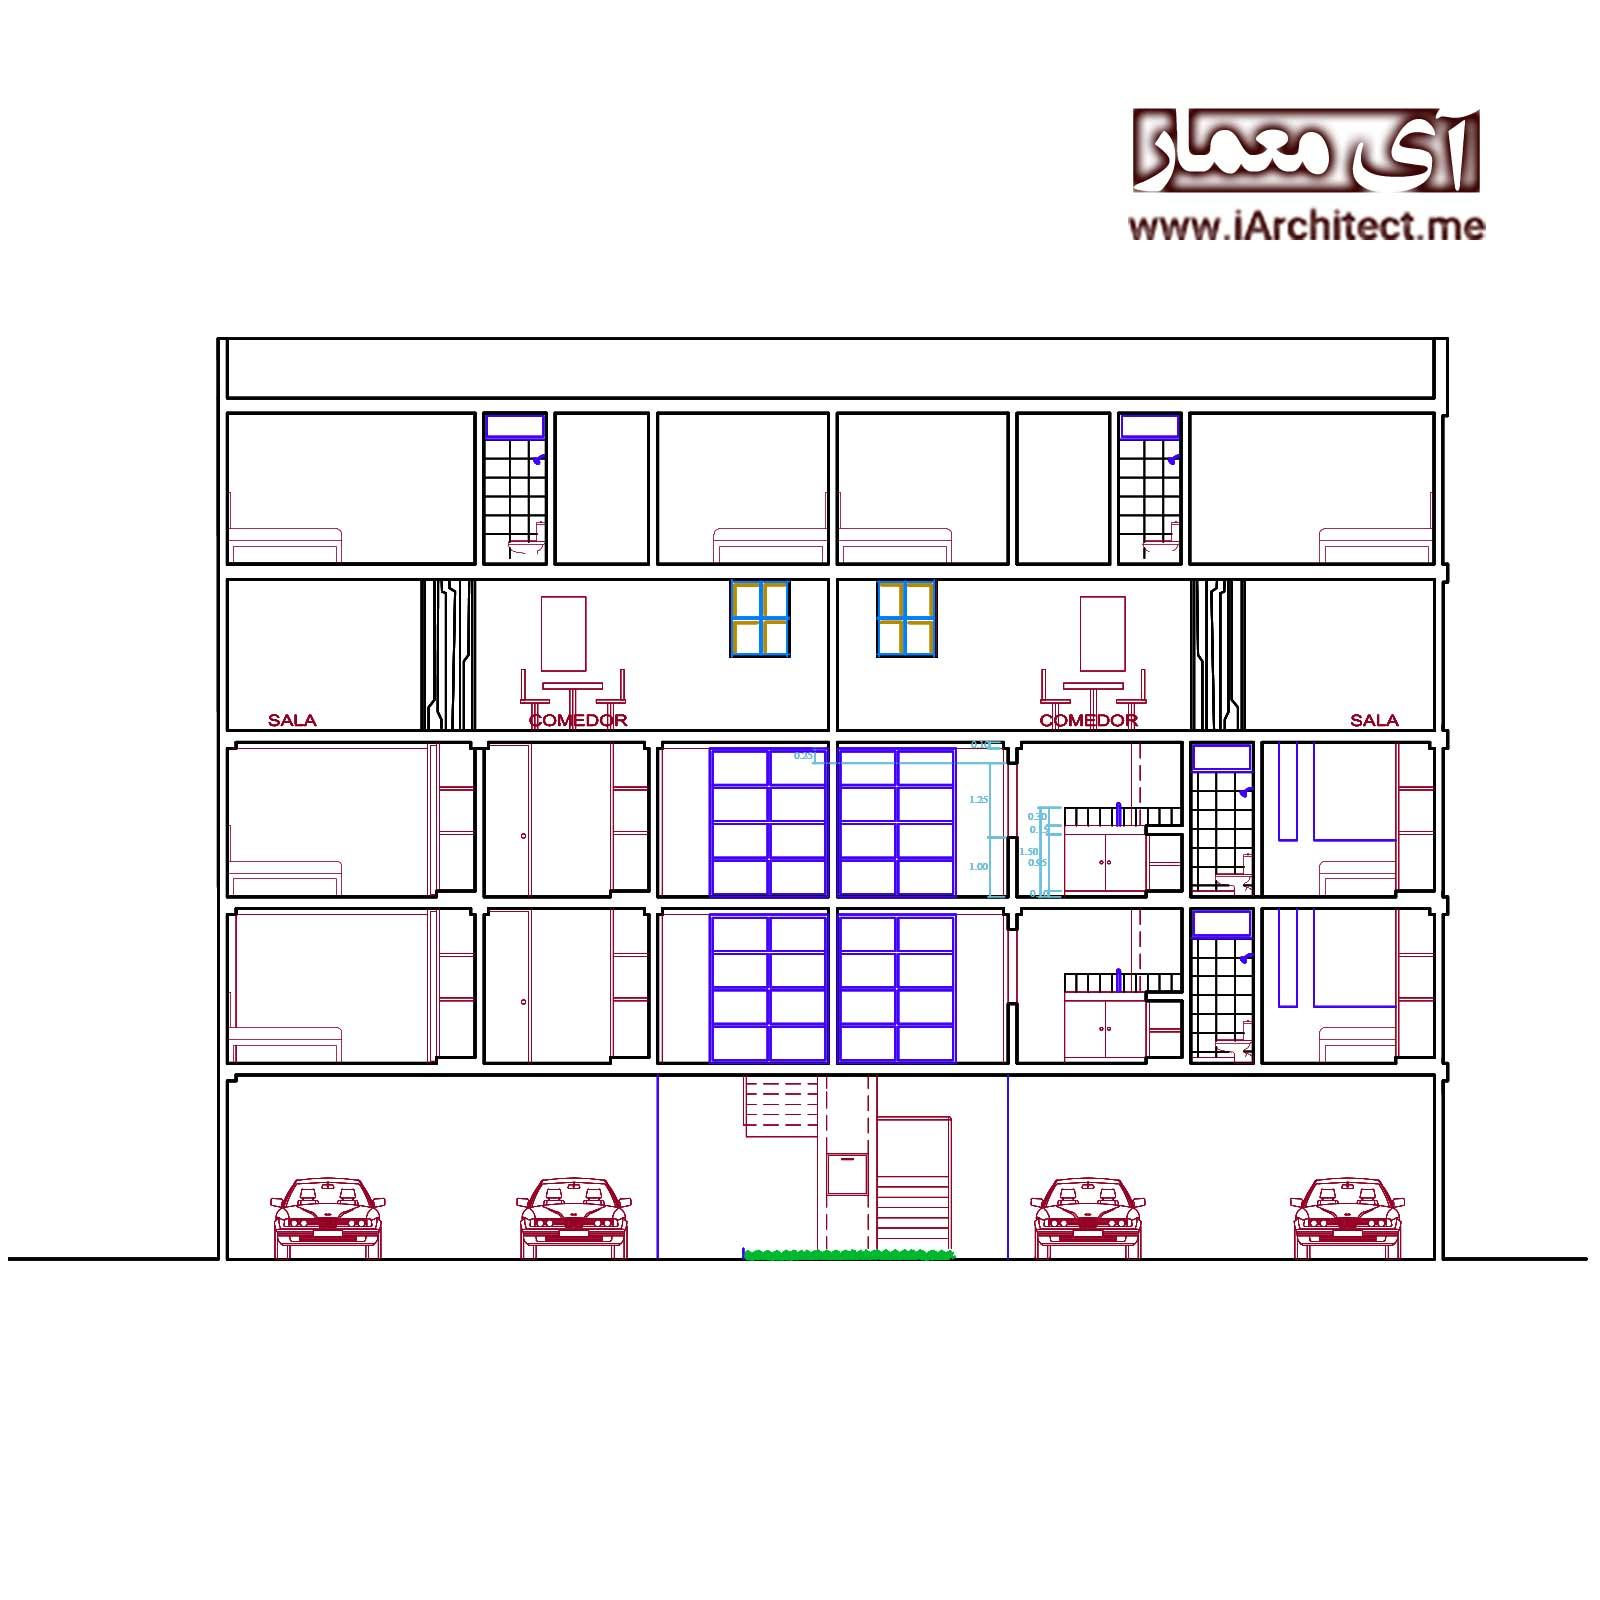 نقشه مجتمع مسکونی 4 طبقه لوکس